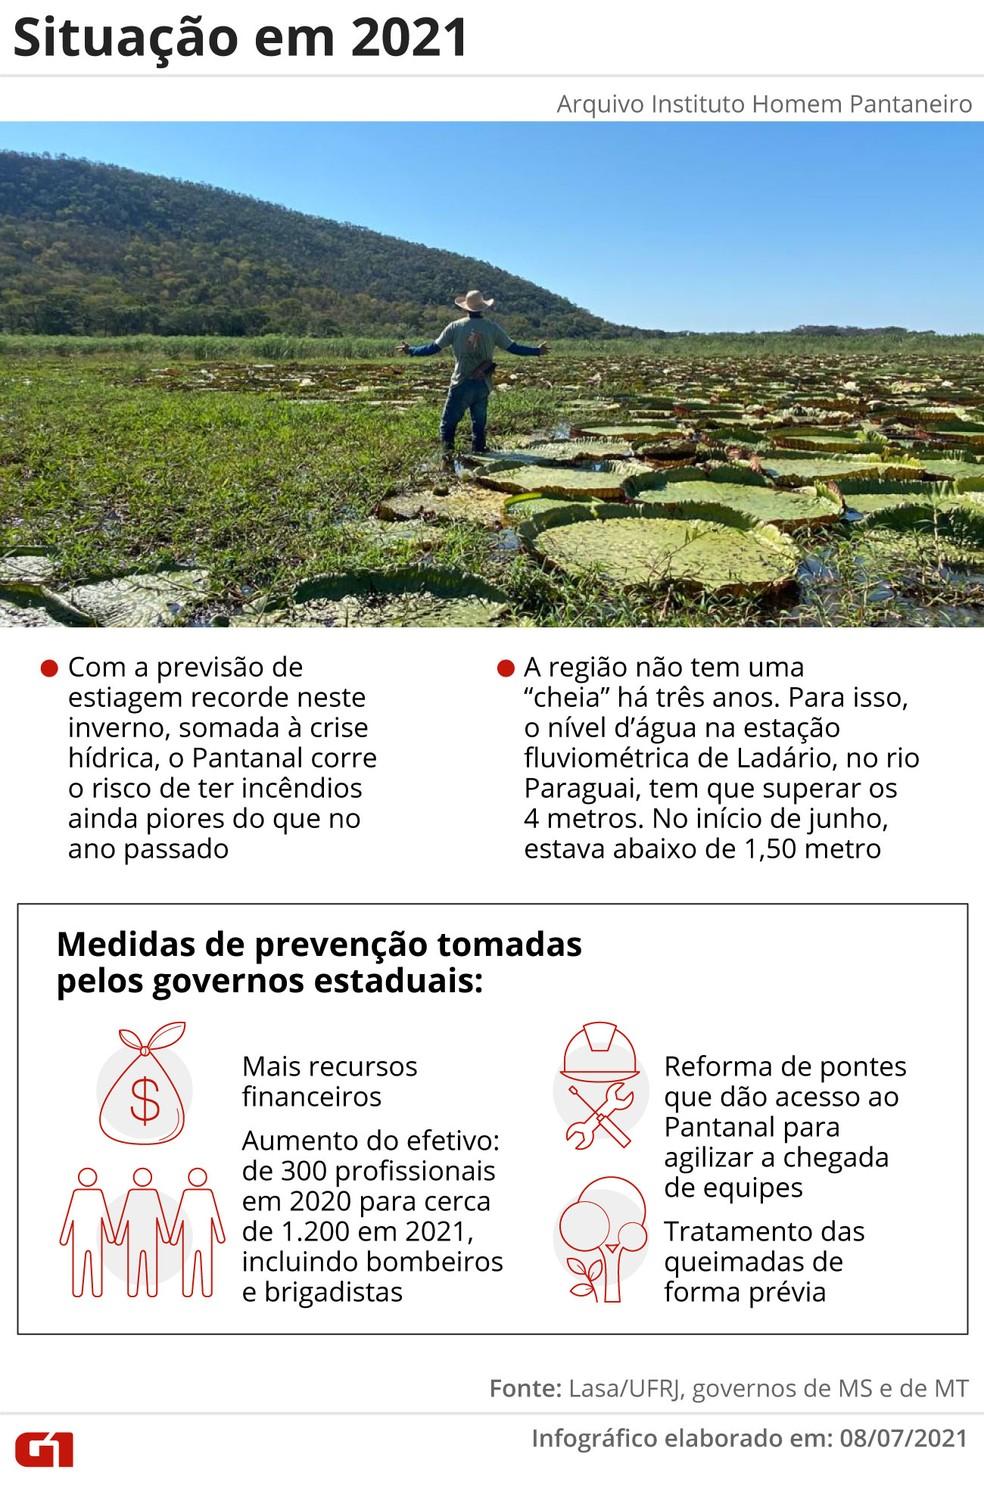 Situação do Pantanal em 2021 — Foto: Elcio Horiuchi/G1